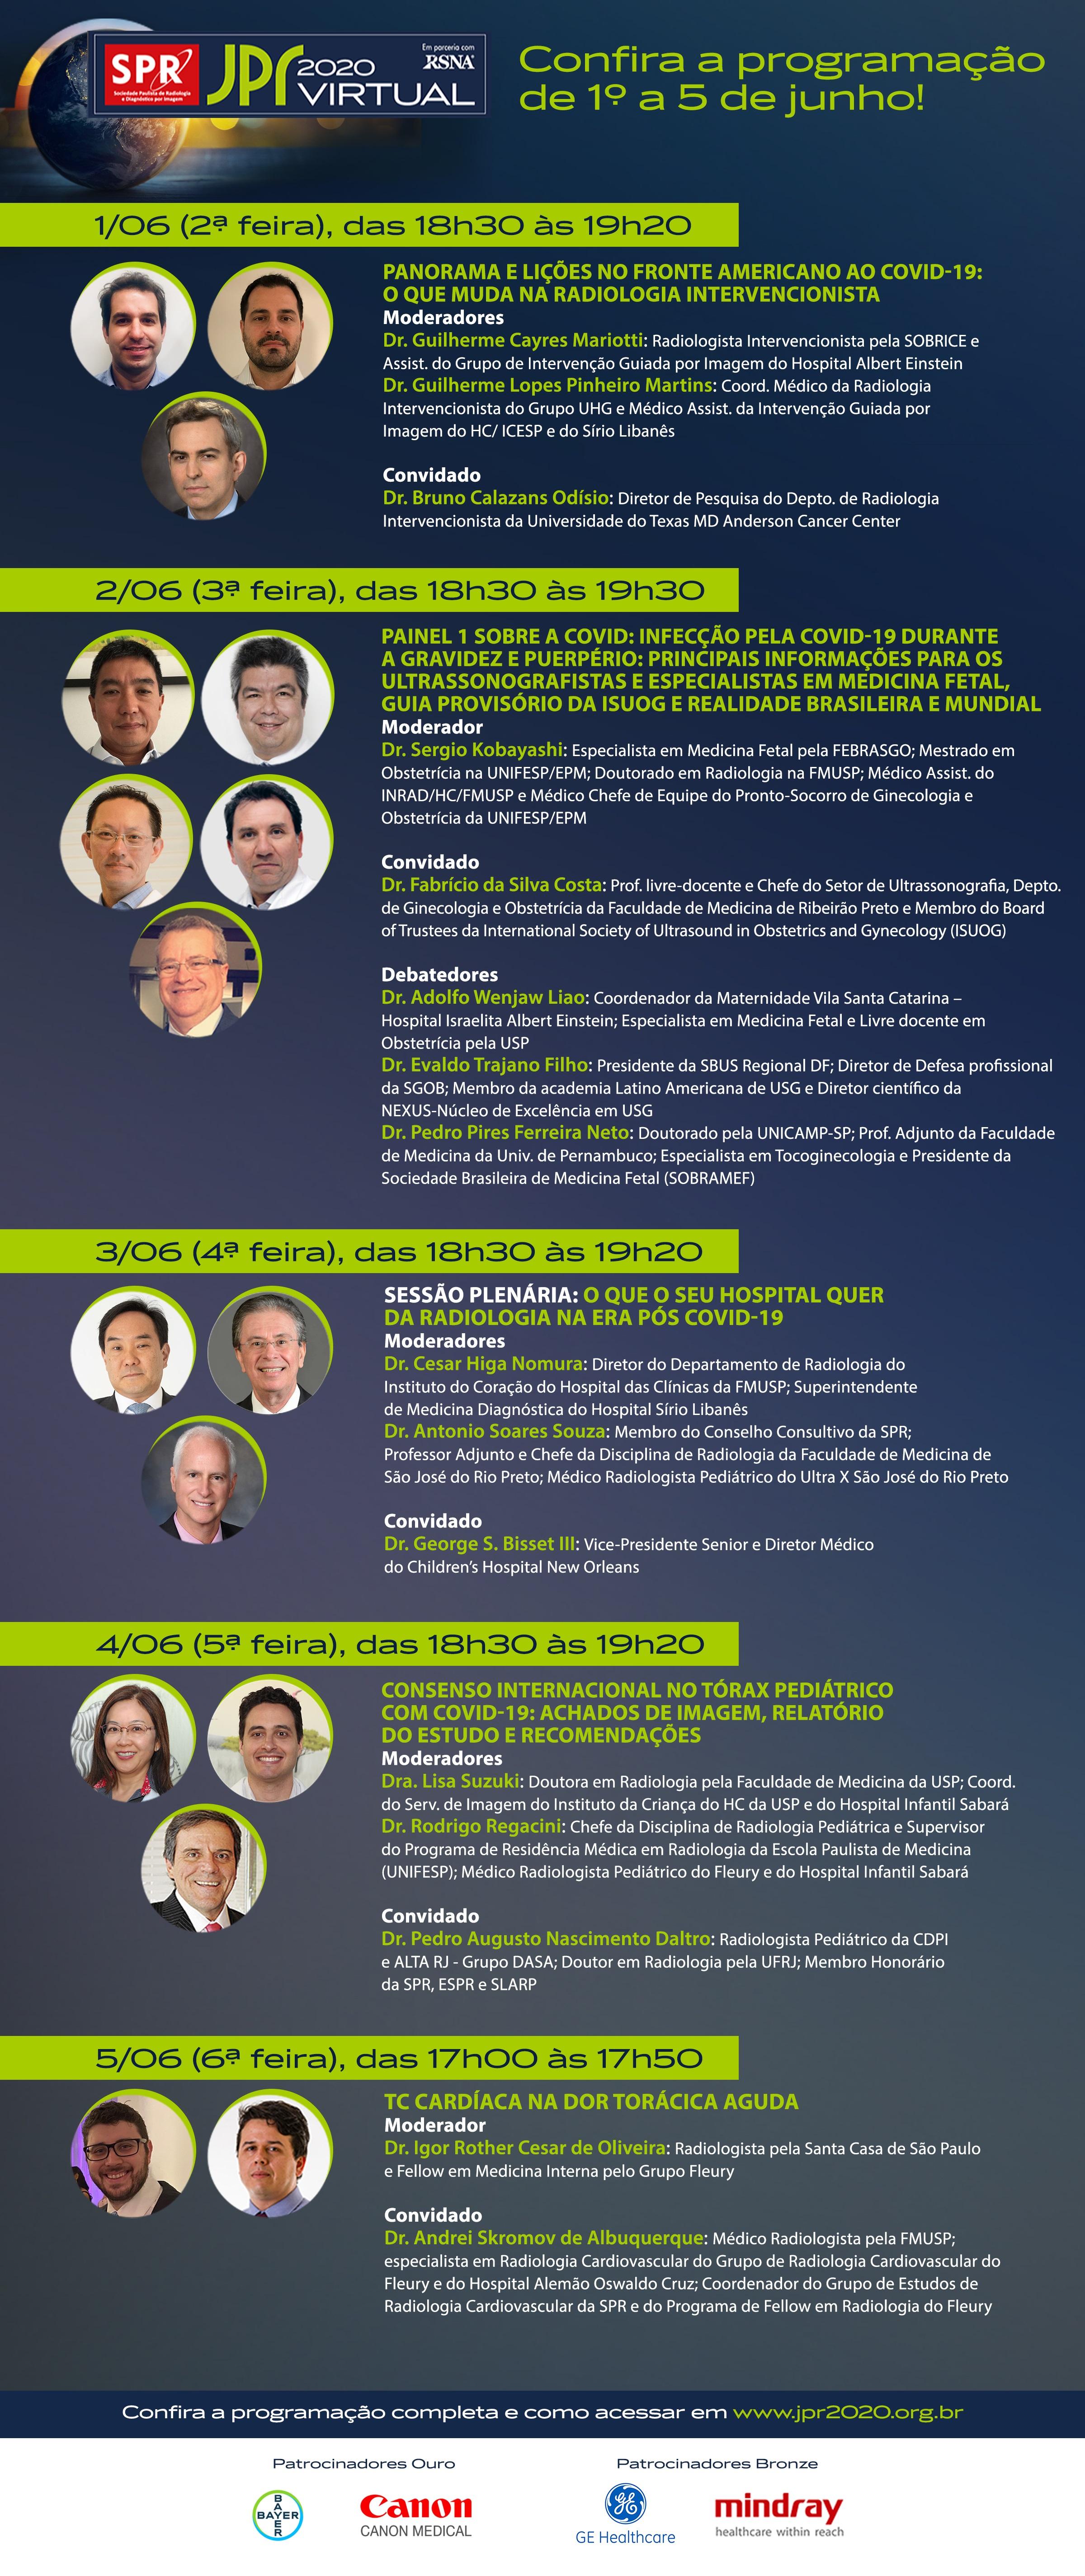 Confira a programação da semana da JPR 2020 Virtual!